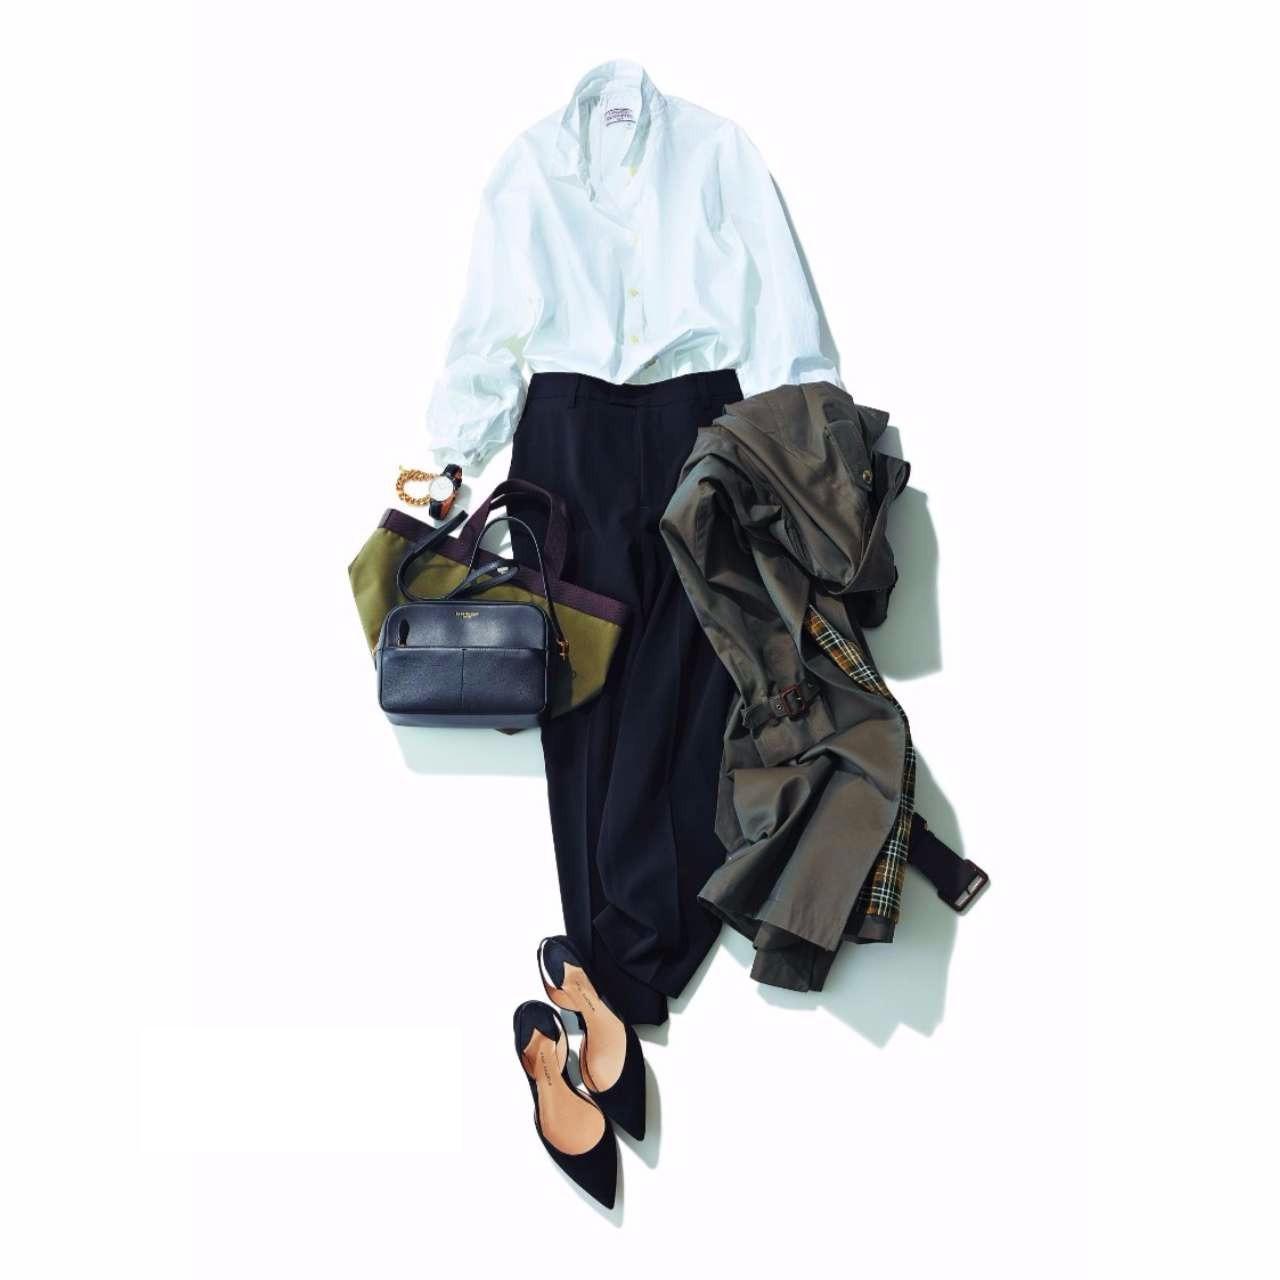 ブラウス×黒パンツのファッションコーデ